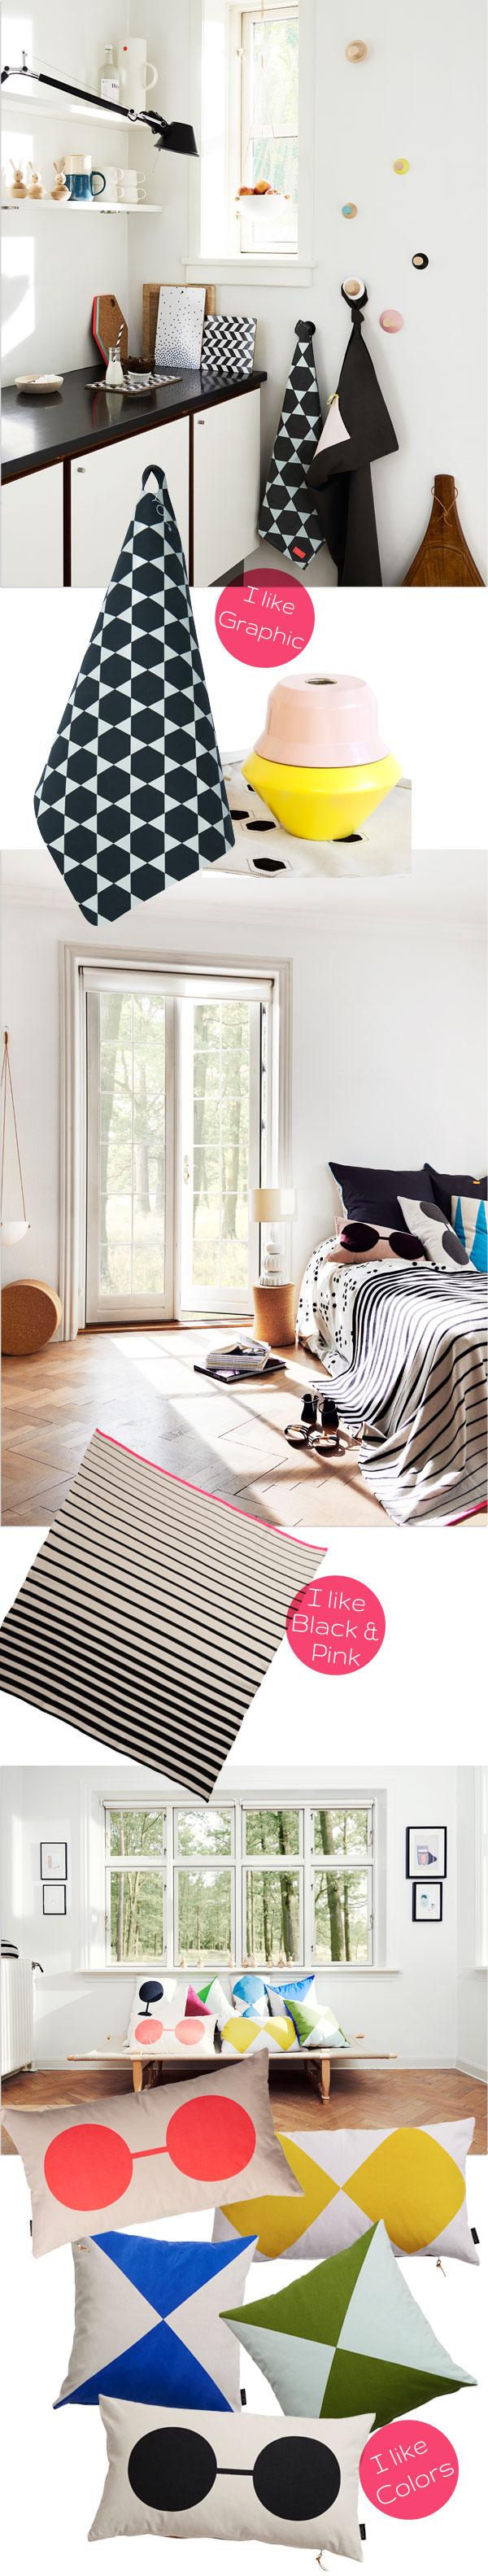 LieblingsProdukte: OYOY - Grafik & Farben